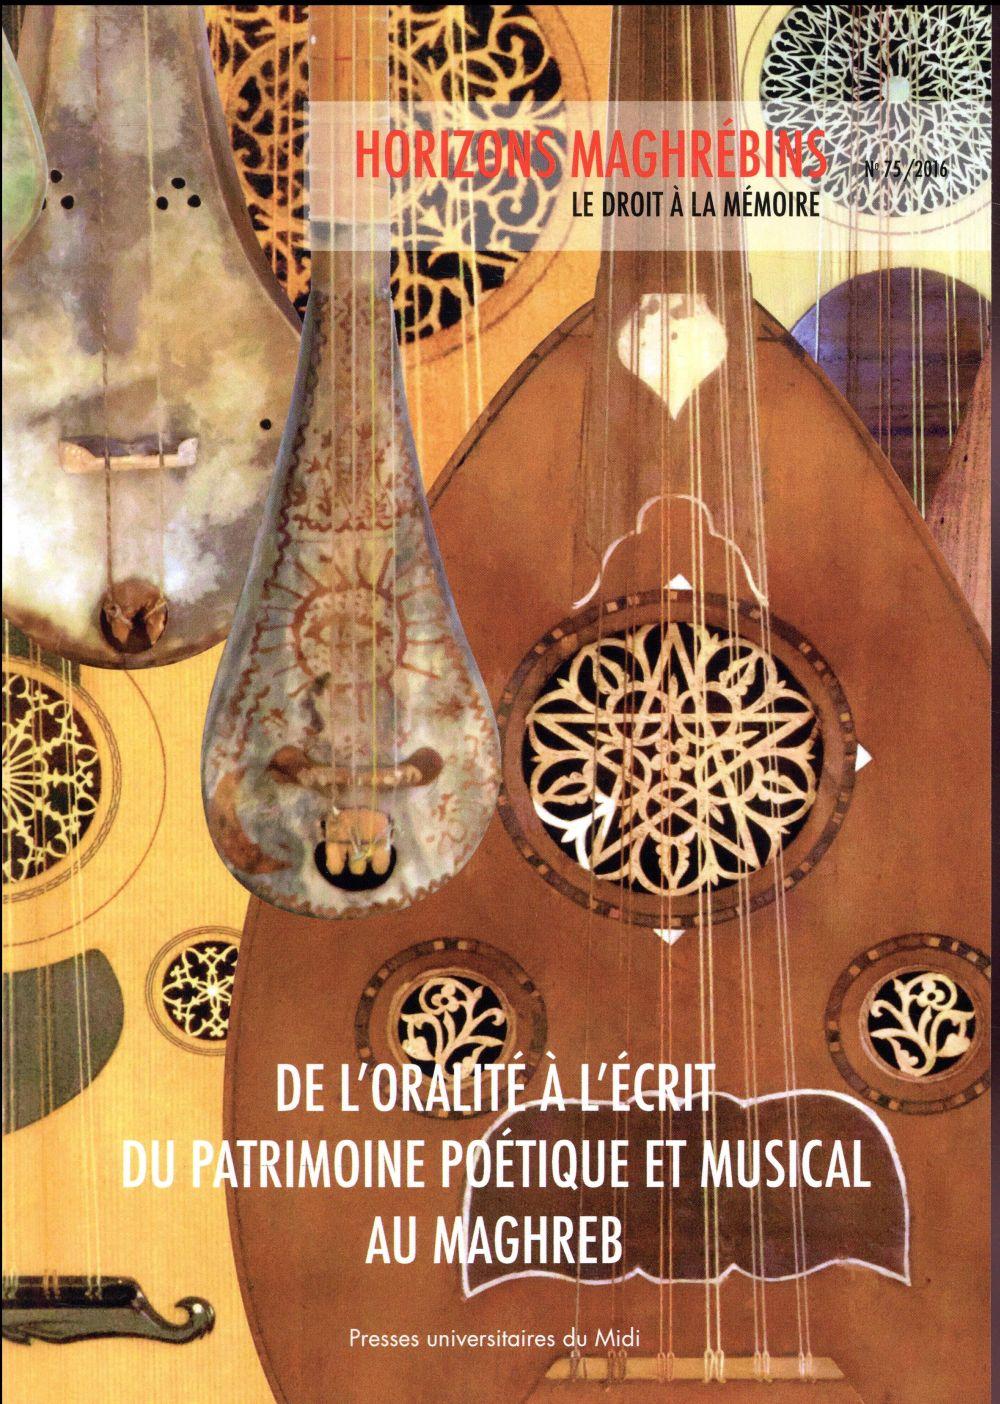 DE L'ORALITE A L'ECRIT DU PATRIMOINE POETIQUE ET MUSICAL AU MAGHREB